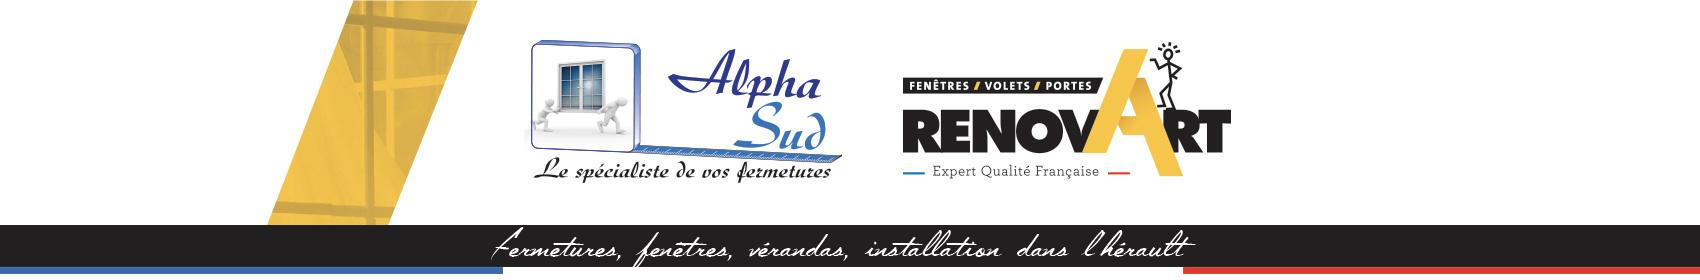 Fenetres Alpha Sud - 34 Herault - Frontignan